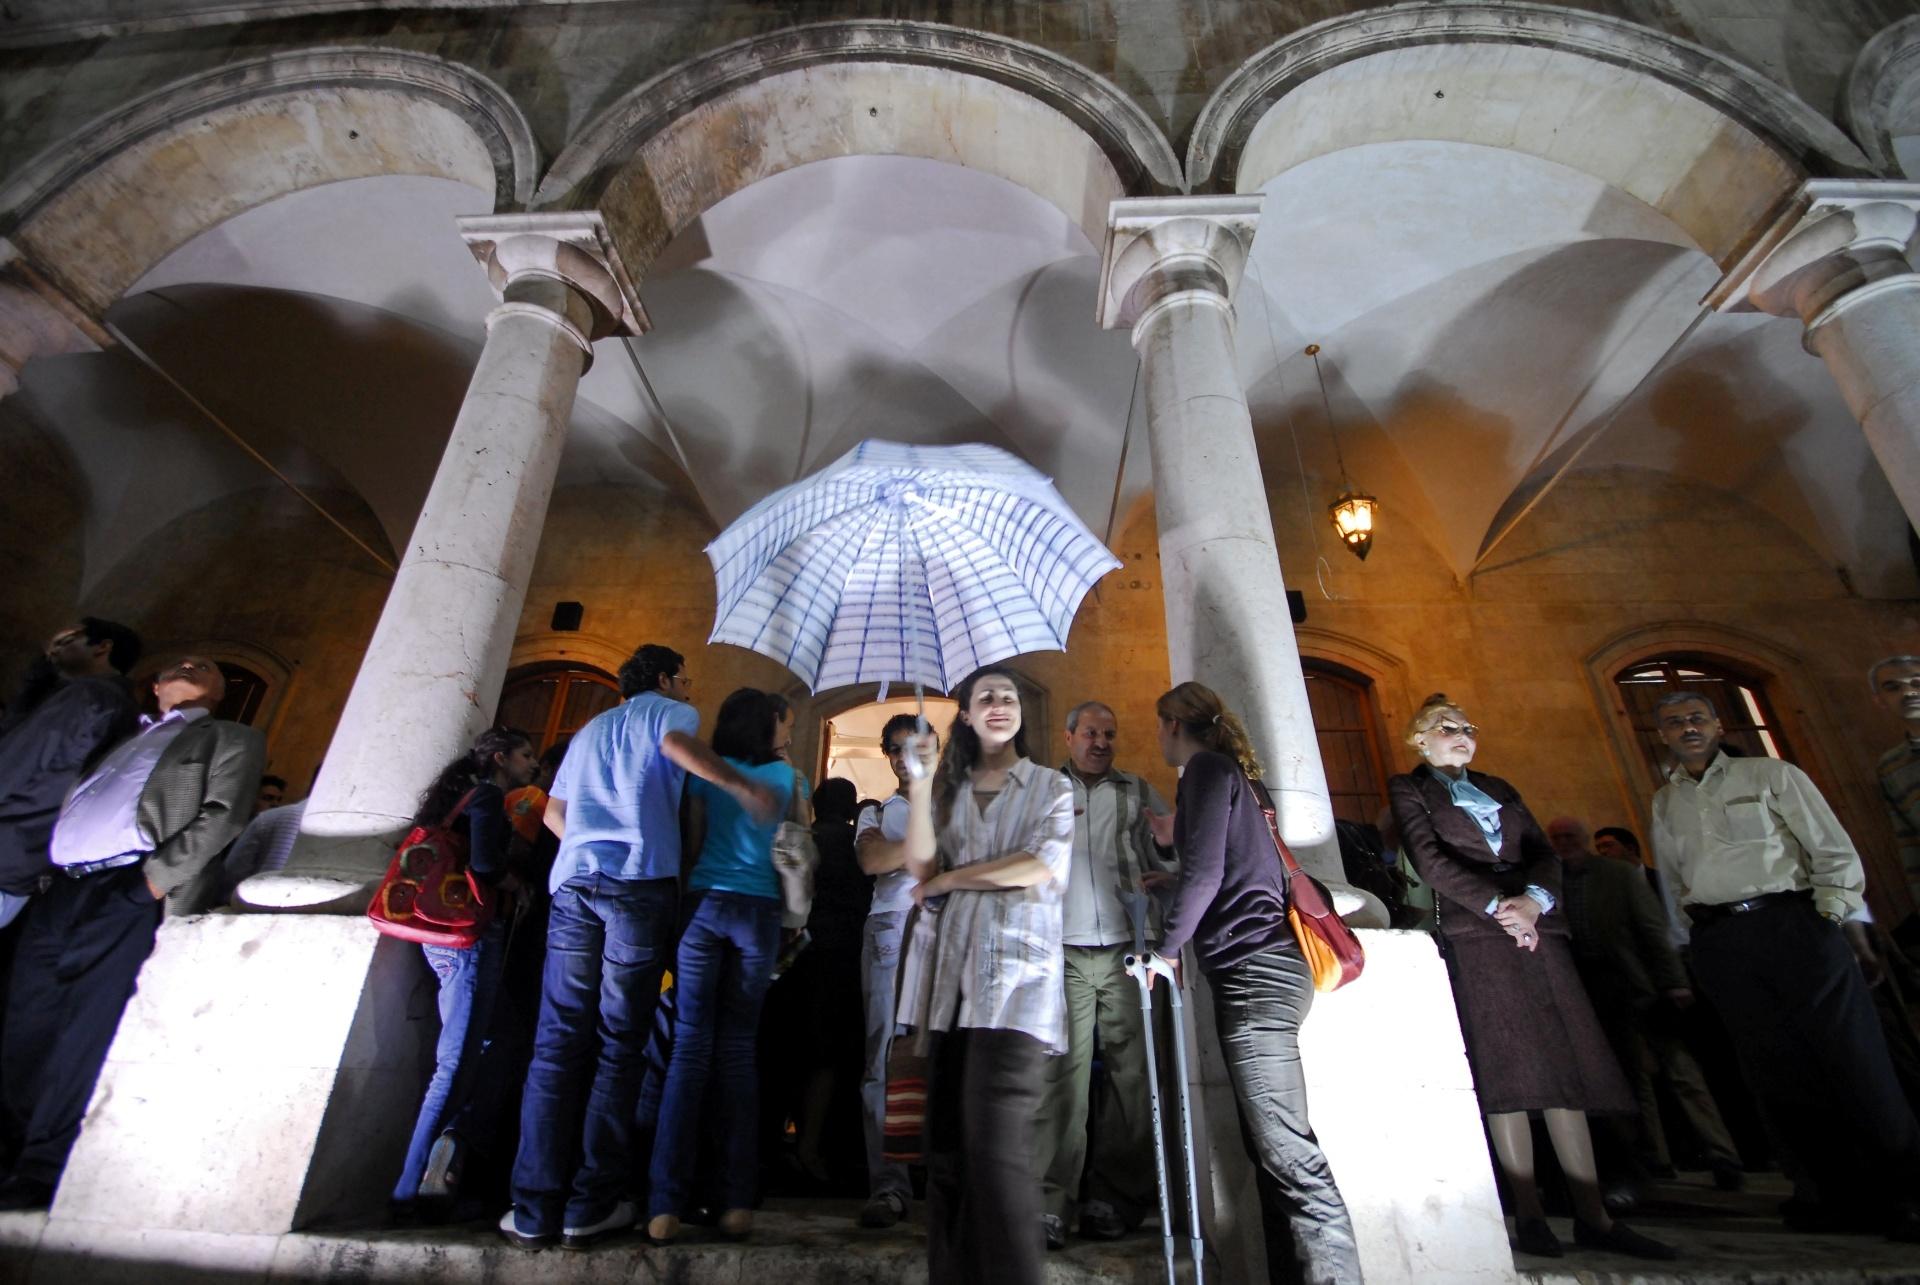 22.dez.2016 - Mulher brinca com guarda-chuva na entrada da escola de al-Sheebani, na Cidade Velha de Aleppo, Síria. A fotografia foi feita em 2008. Com a guerra, a cidade passou a ser dividida entre o governo e rebeldes, mas o exército manteve o controla da Cidade Velha mesmo quando estava cercada por insurgentes dos três lados e o único acesso era por um túnel